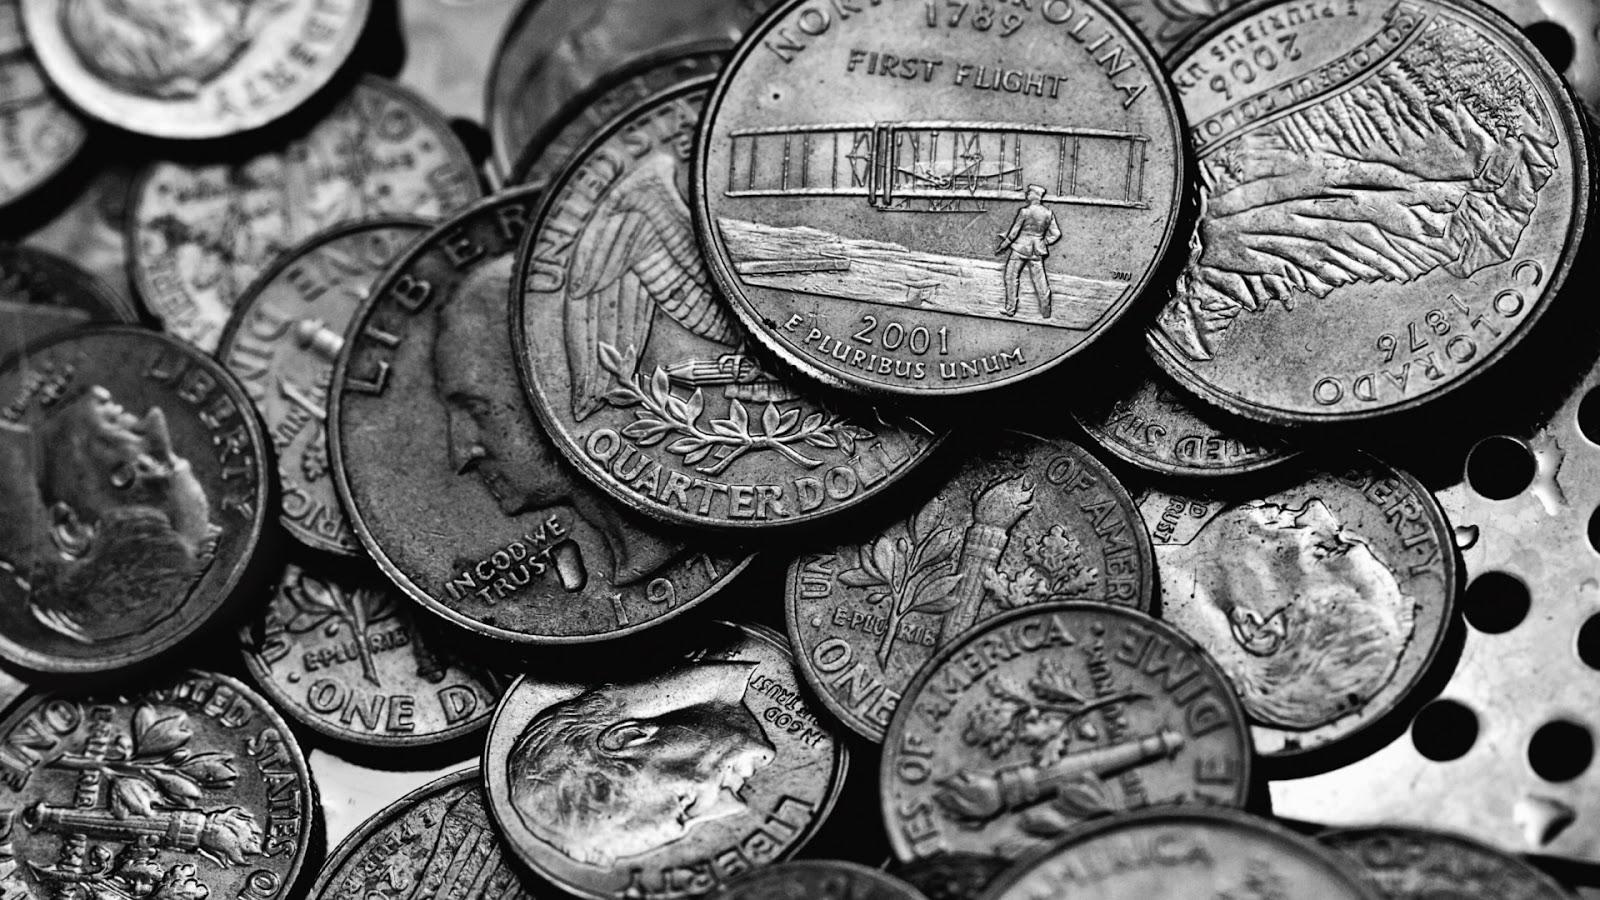 Thảo luận về vấn đề tiền bạc như thế nào trong cuộc sống của chúng ta - bài tiểu luận tiếng anh